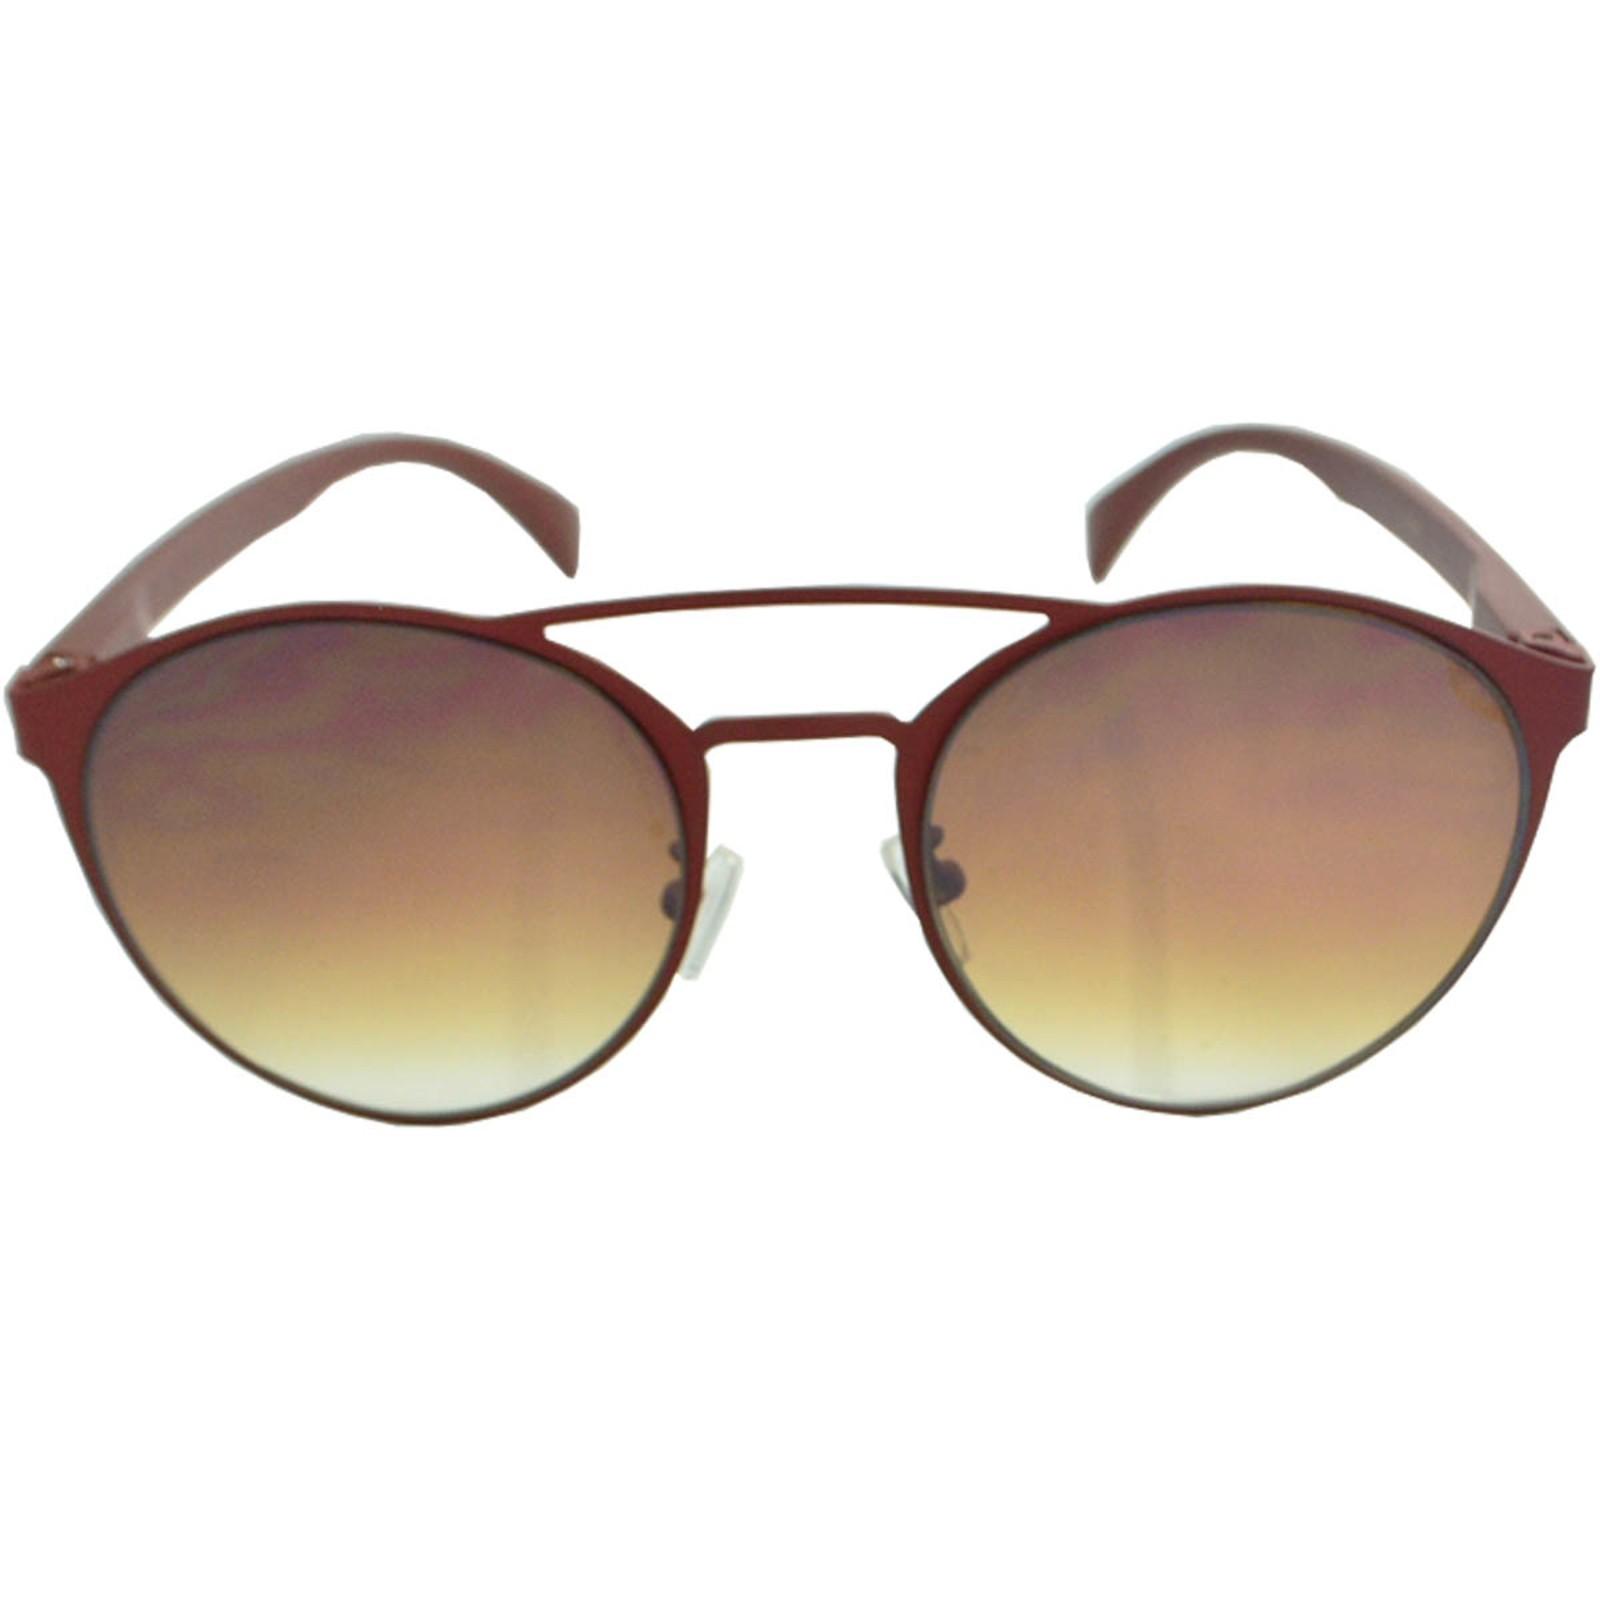 Óculos de Sol Mackage Unisex Metal/Hastes Acetato Redondo - Marrom Fosco